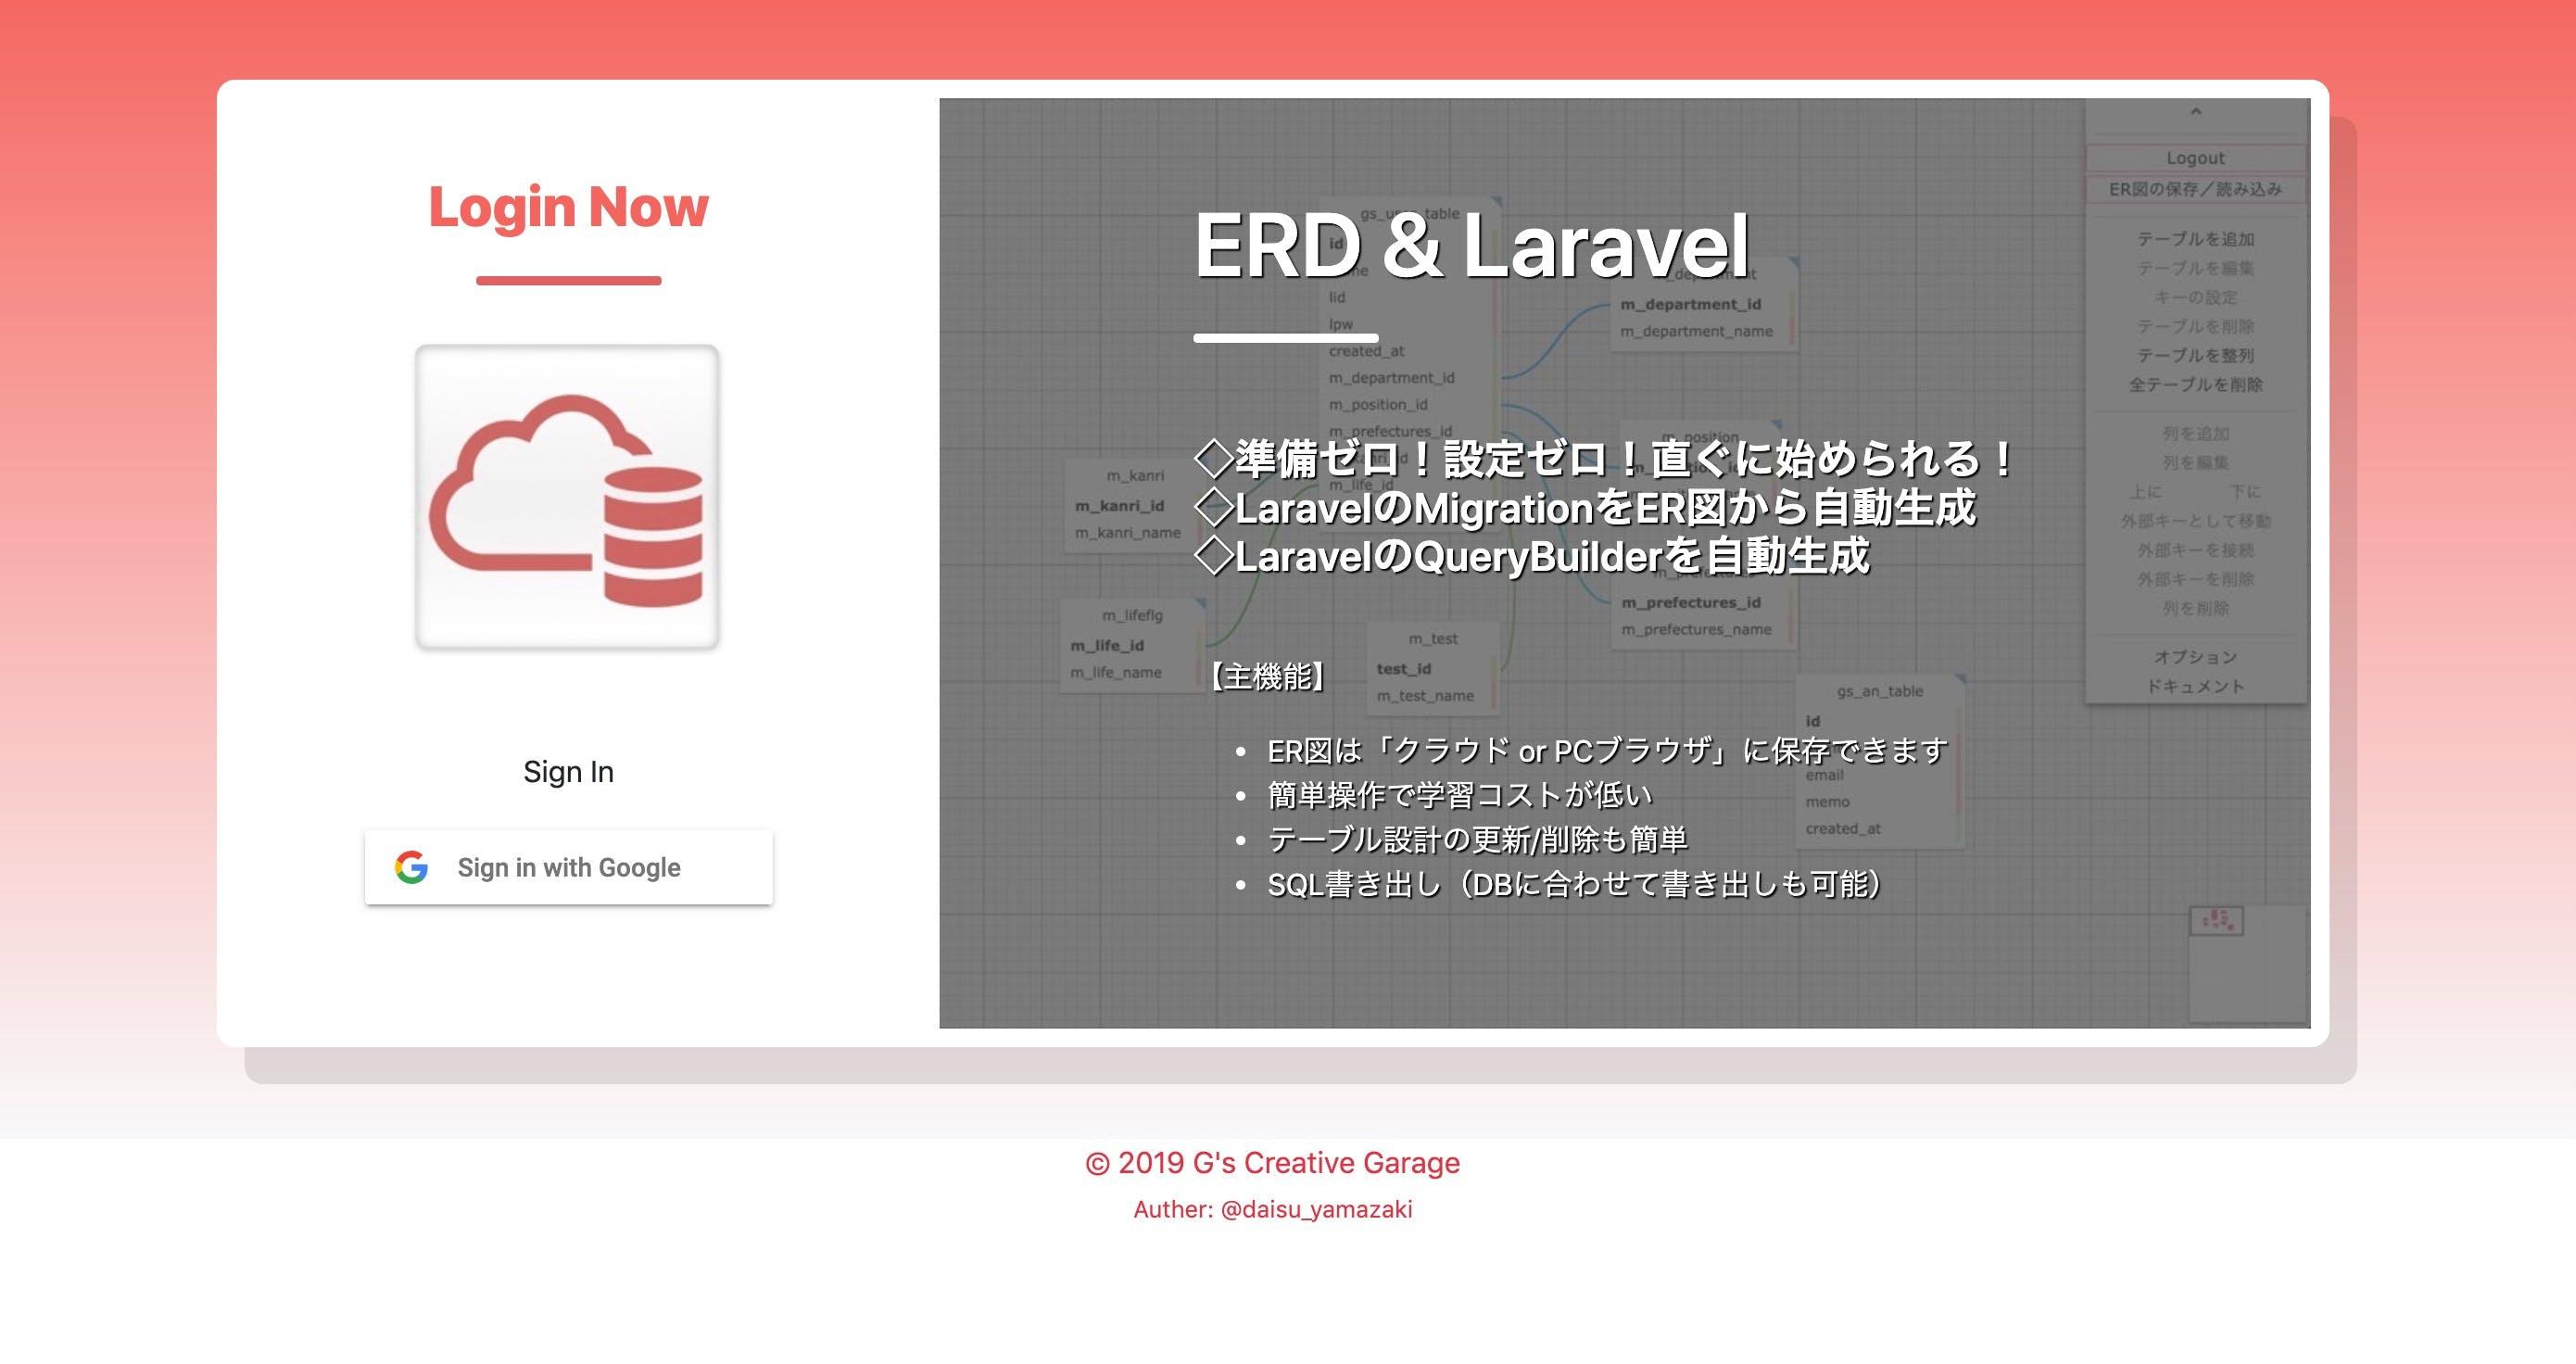 ERD___Laravel.jpg